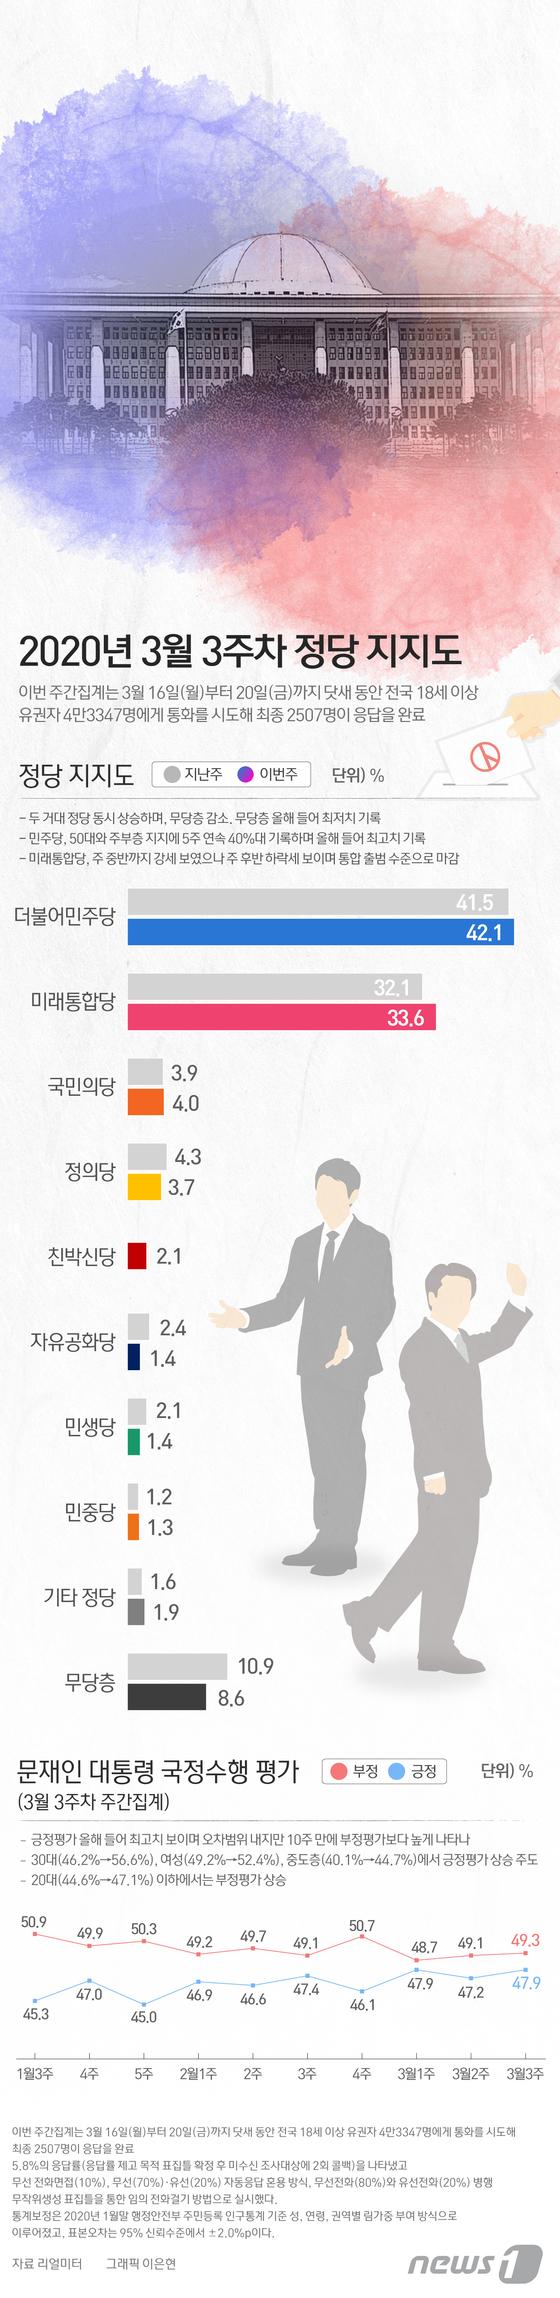 [그래픽뉴스] 3월 3주차 정당 지지도